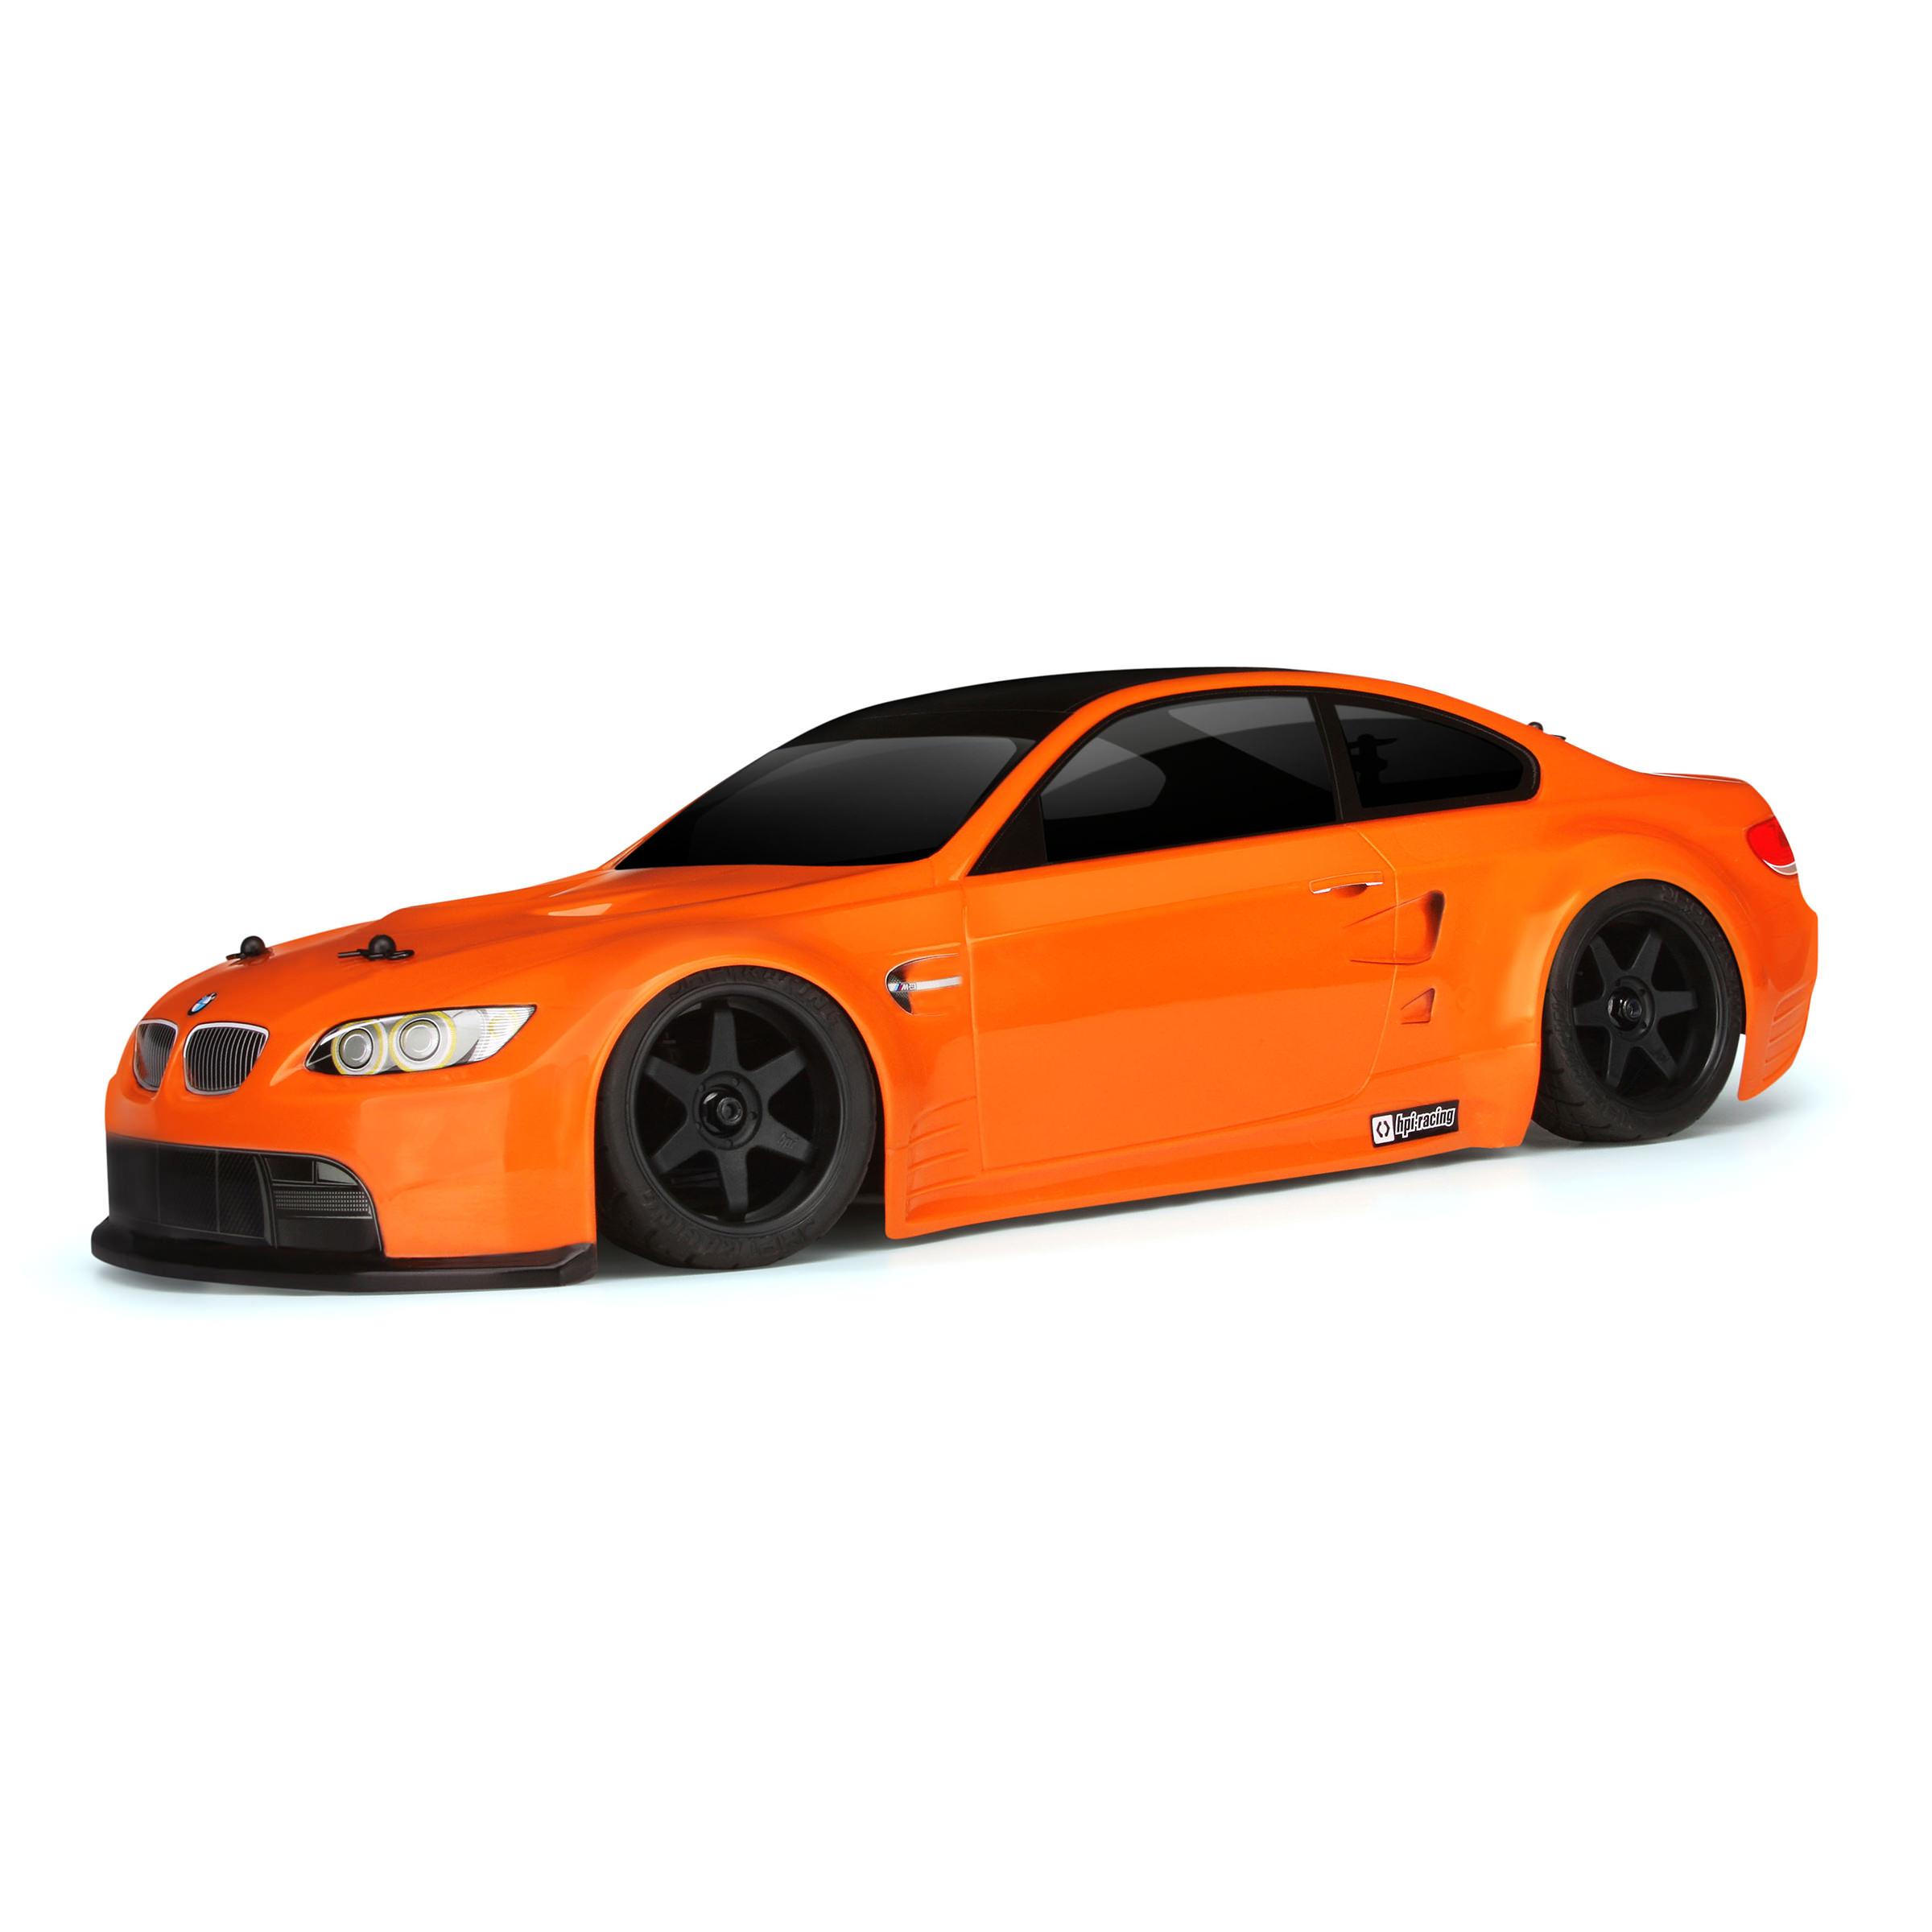 hpi sprint 2 flux orange rc car at hobby warehouse. Black Bedroom Furniture Sets. Home Design Ideas